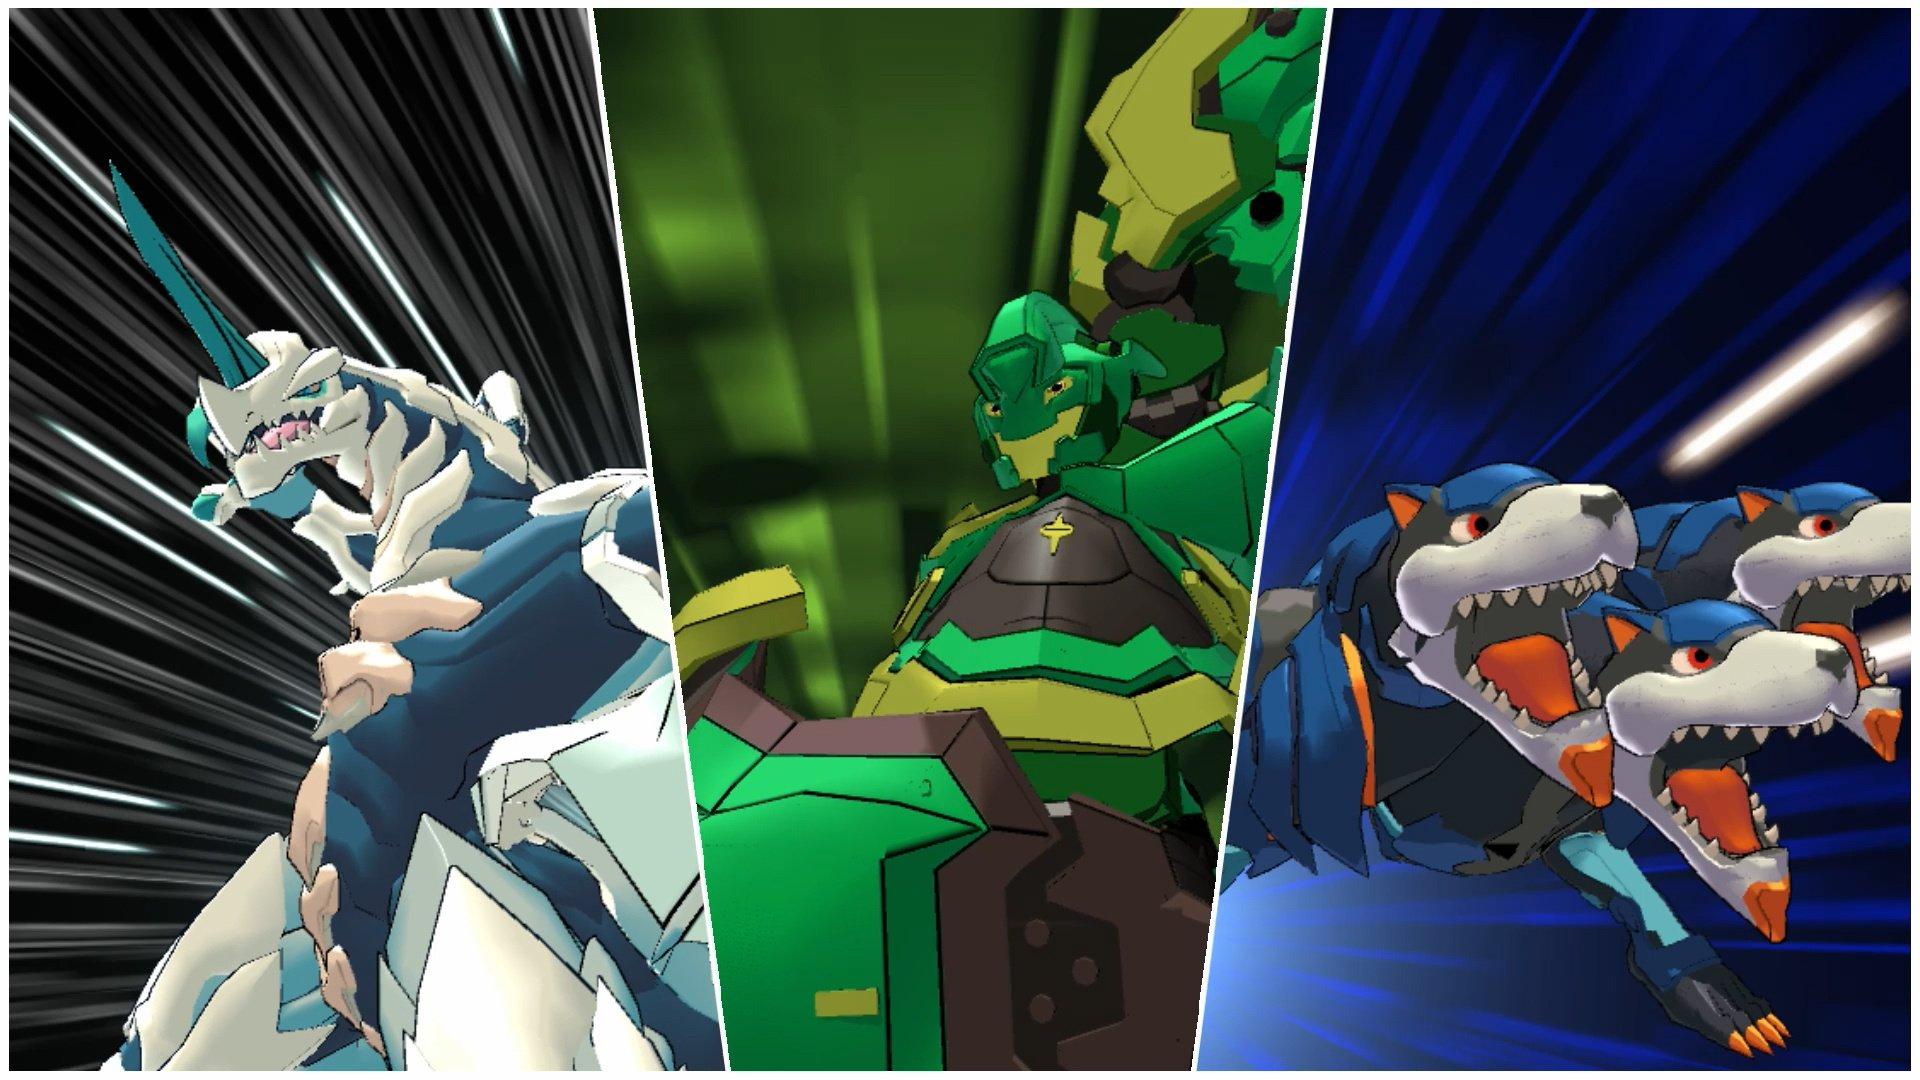 Bakugan Champions Of Vestroia Team Attack Brawl 2 1846025f08a8e396d954.38221439